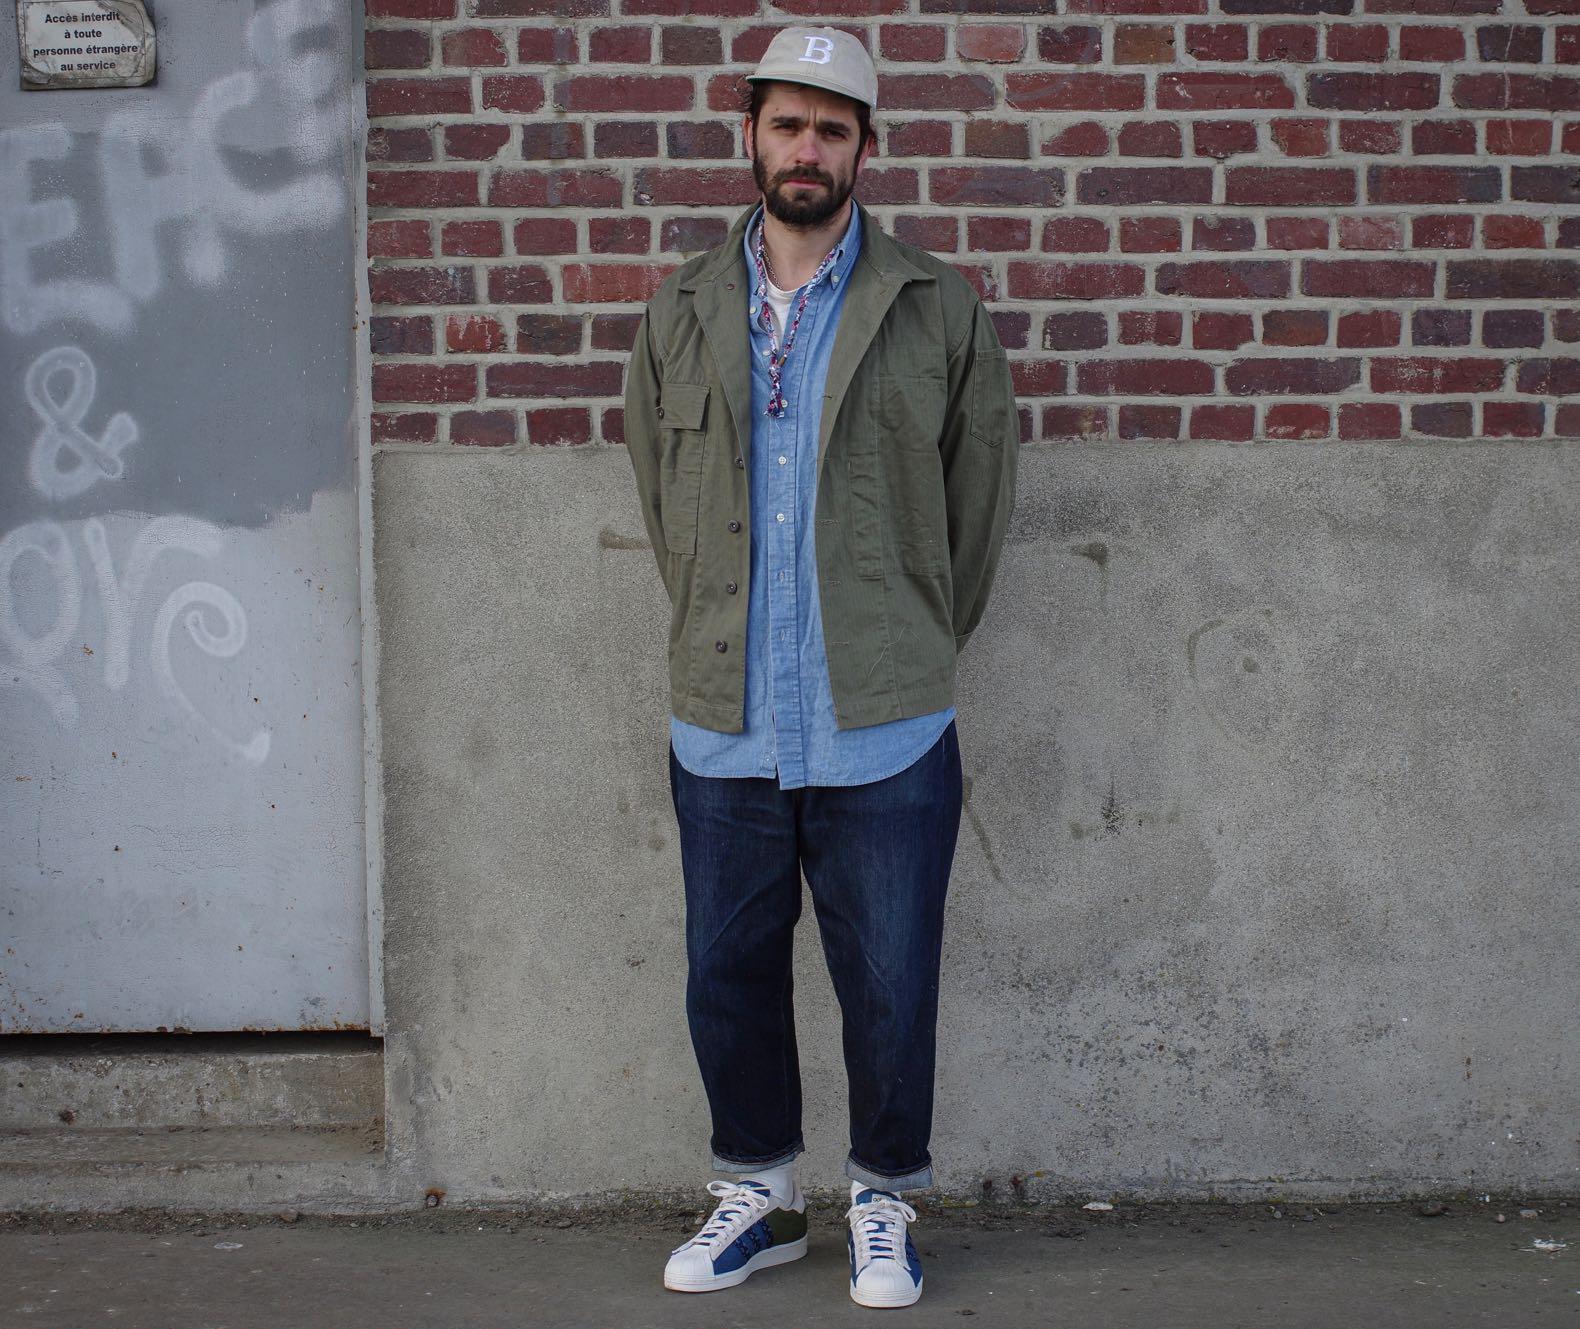 une homme habillé en style streetwear avec une casquette, un jean large et une chemise militaire verte